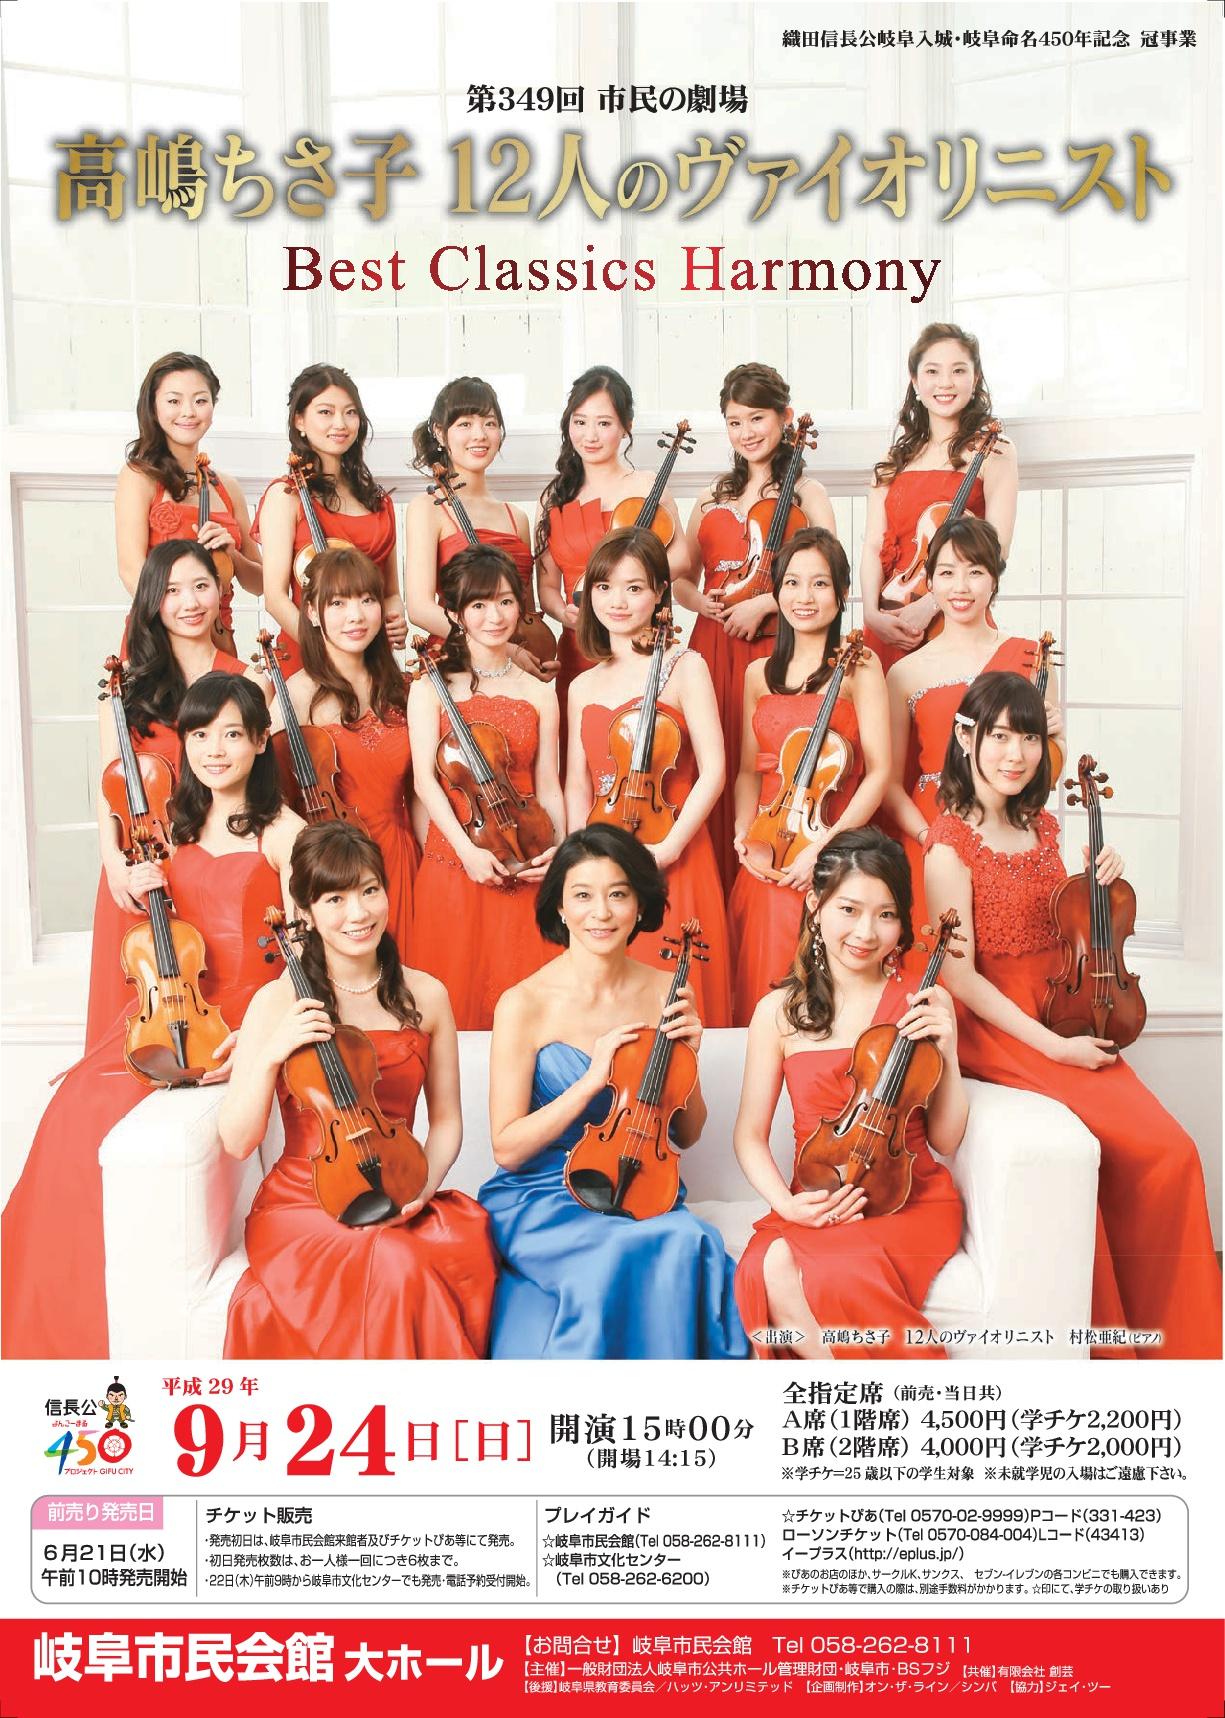 高嶋ちさ子 12人のヴァイオリニスト Best Classics Harmony